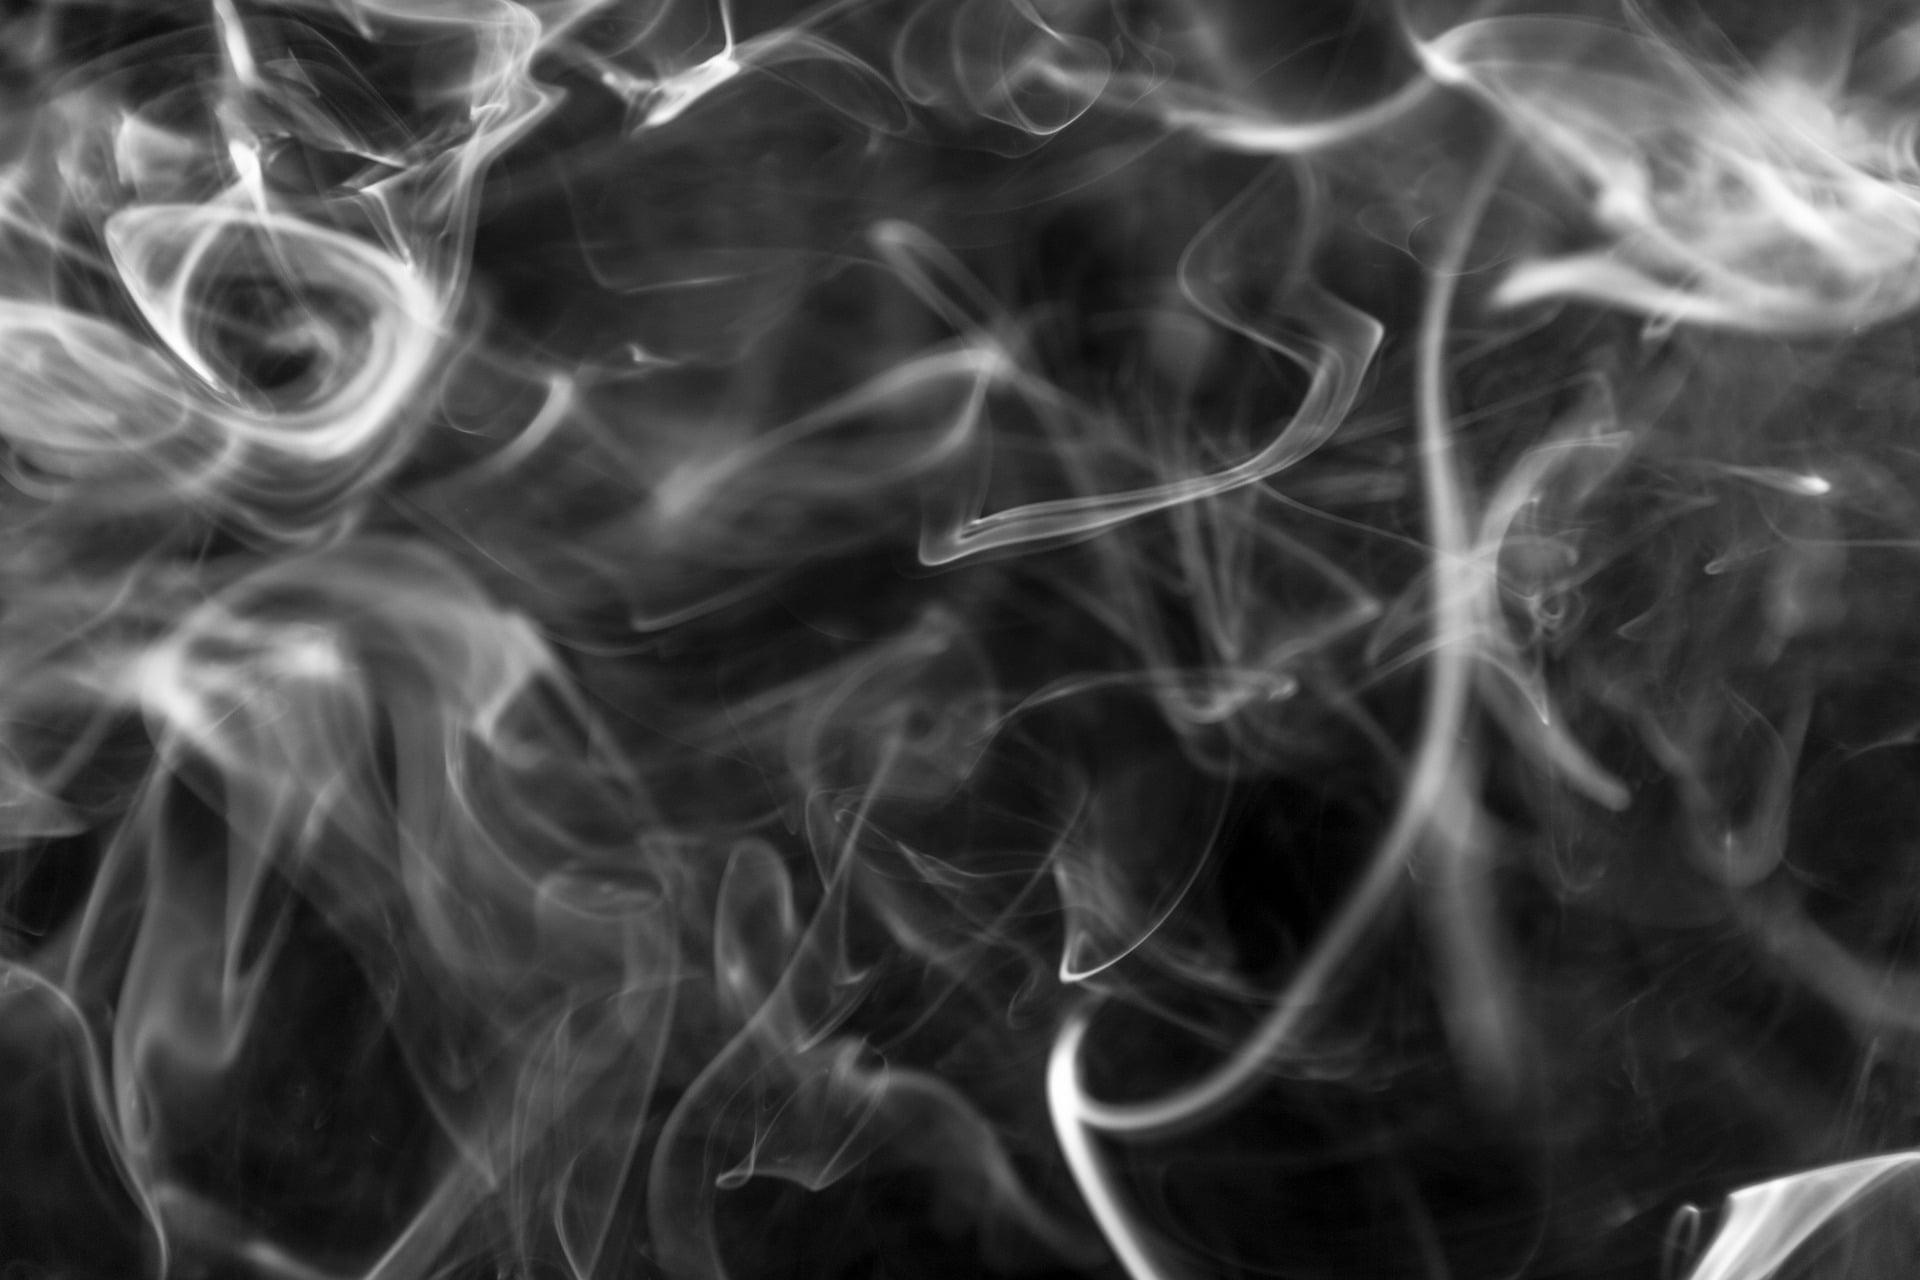 cigarrillo electrónico es malo